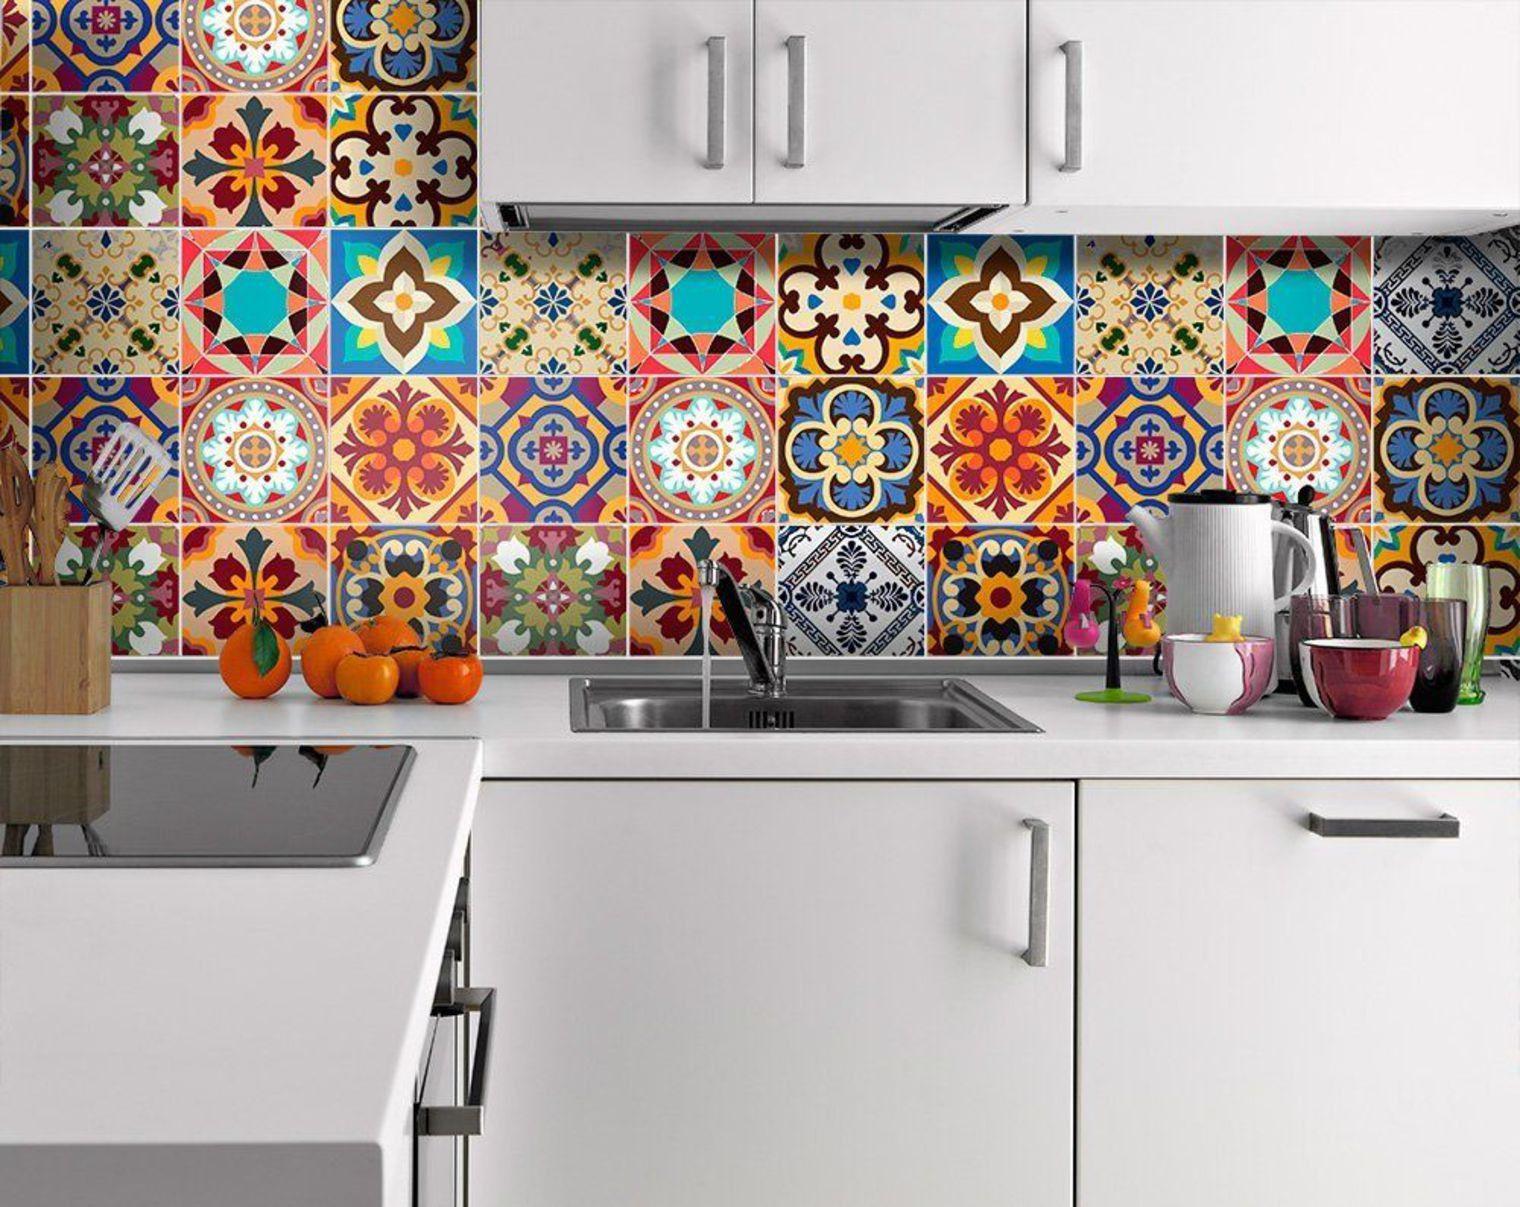 20 idées de crédence pour aménager votre cuisine | Crédence, Deco ...